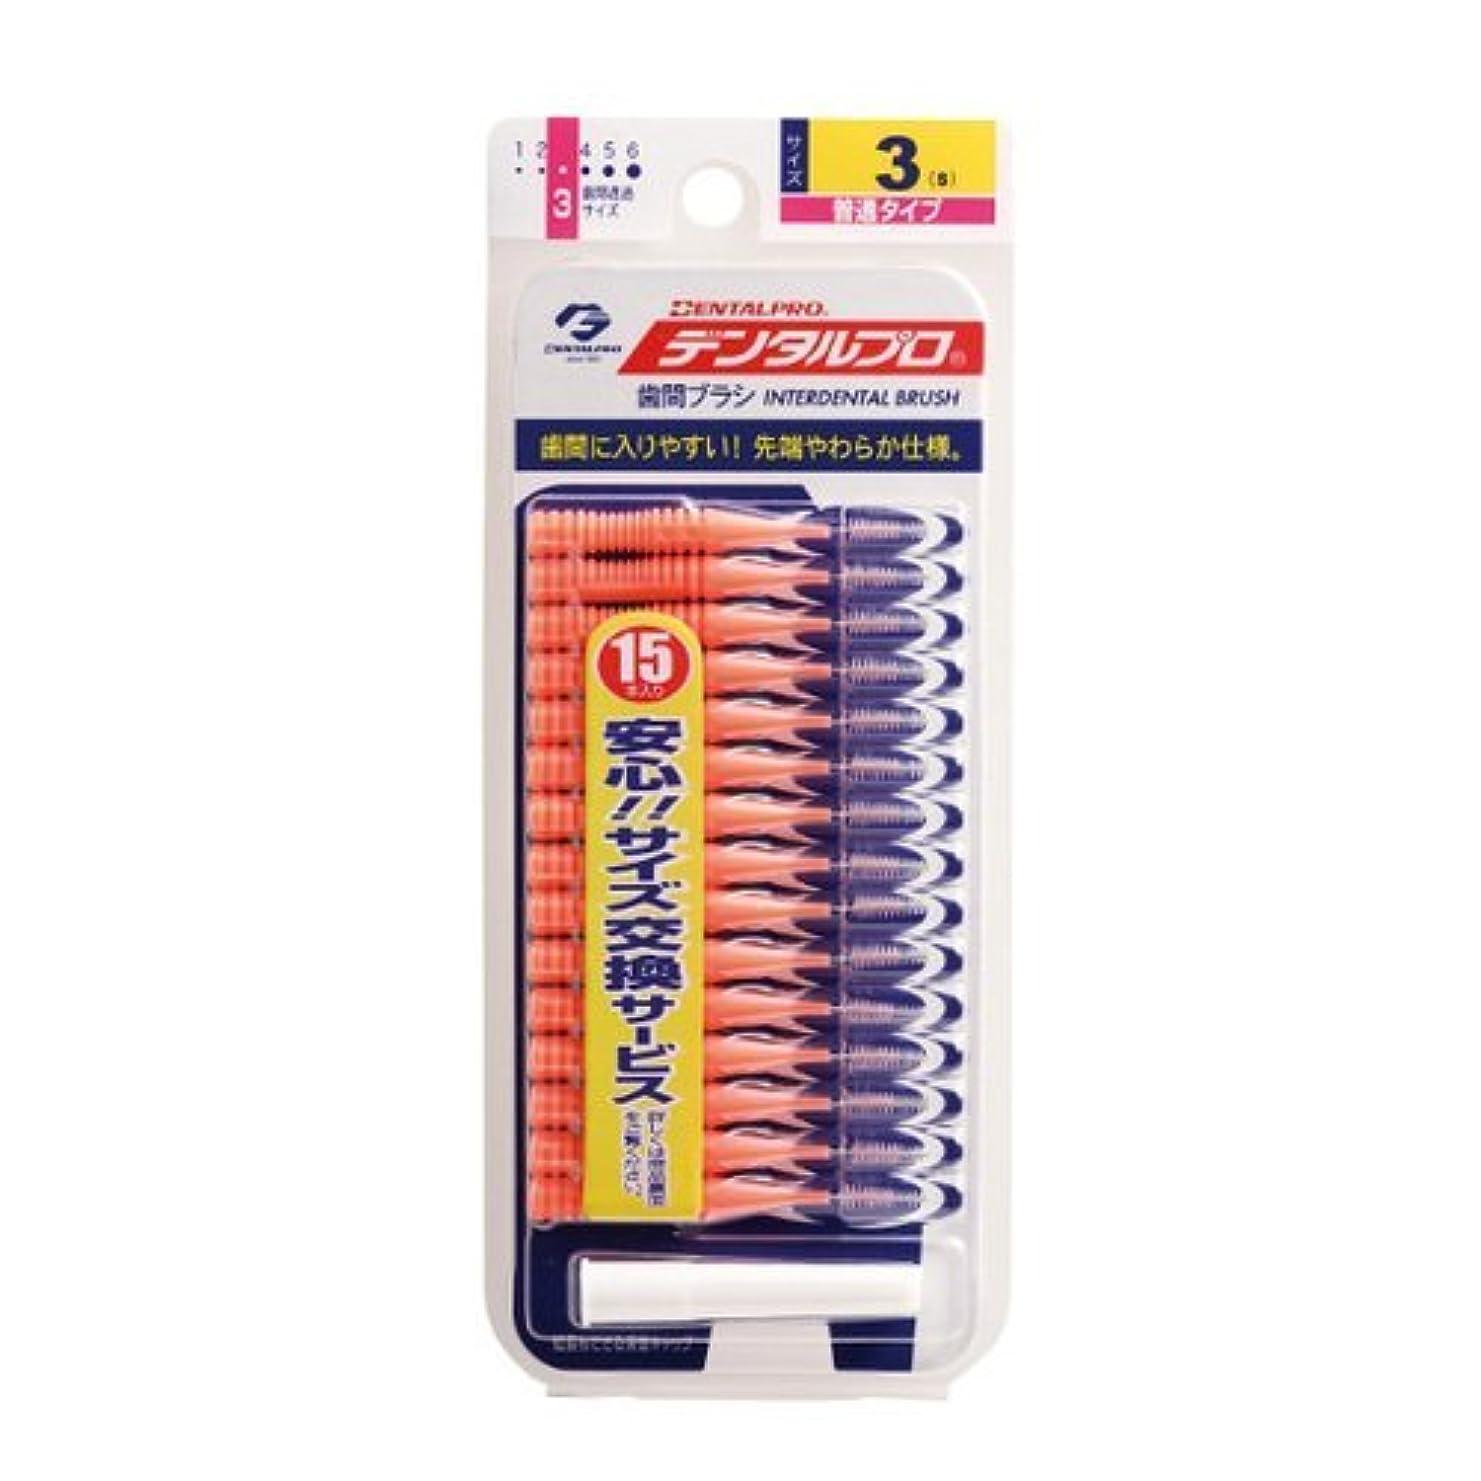 ズームインする一流期間デンタルプロ 歯間ブラシ 3(S)サイズ 15本入